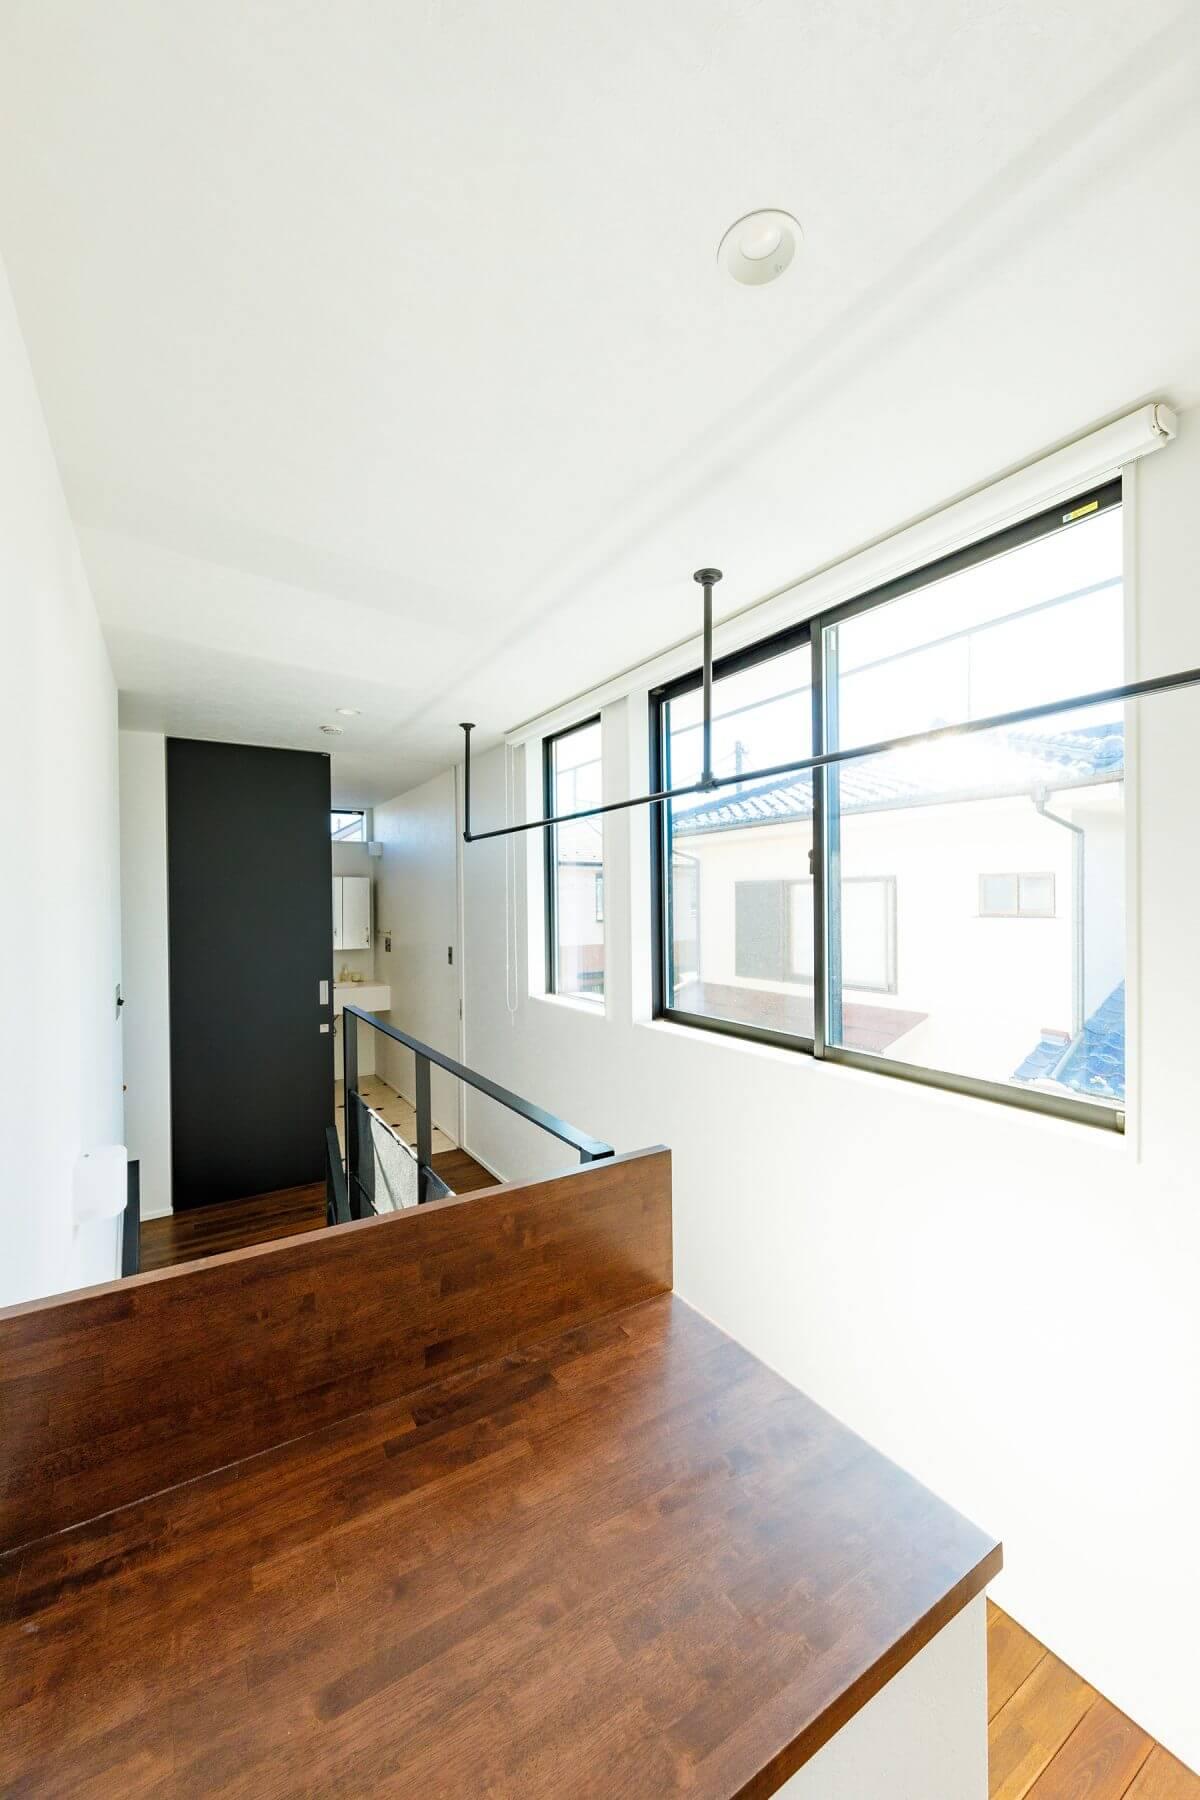 南面に位置する階段吹き抜けの2階天井には、物干し用のポールを設置。バルコニーは設けていないため、部屋干しはここで行っているそうです。「陽当たりが良いので、洗濯物はすぐに乾きます」と奥様はニッコリ。手前は、洗濯物を畳むスペース(専用台)。